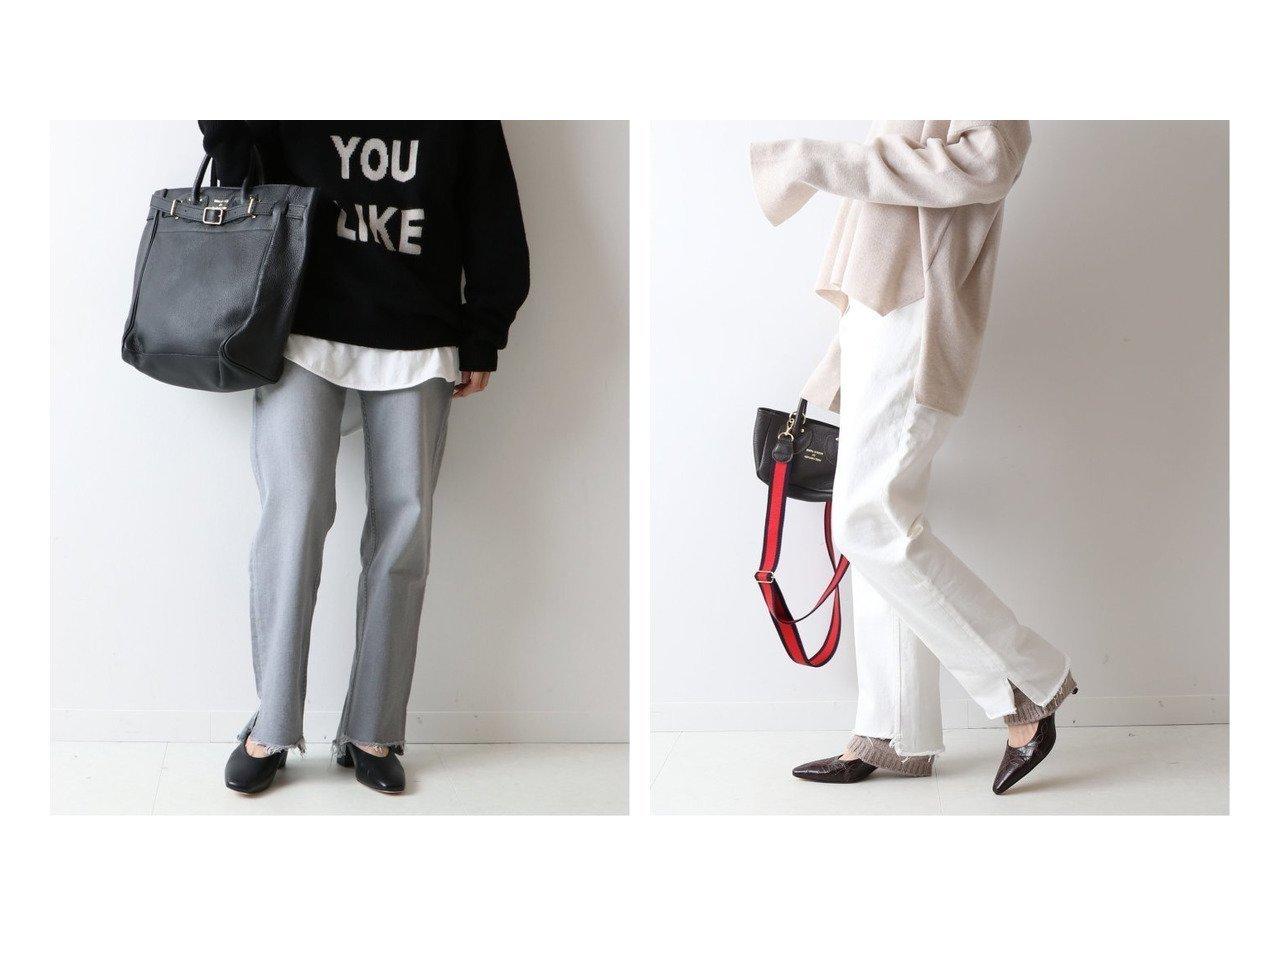 【FRAMeWORK/フレームワーク】の裾スリットDENIM パンツのおすすめ!人気、トレンド・レディースファッションの通販 おすすめで人気の流行・トレンド、ファッションの通販商品 メンズファッション・キッズファッション・インテリア・家具・レディースファッション・服の通販 founy(ファニー) https://founy.com/ ファッション Fashion レディースファッション WOMEN パンツ Pants デニムパンツ Denim Pants 2021年 2021 2021 春夏 S/S SS Spring/Summer 2021 S/S 春夏 SS Spring/Summer ストレッチ スリット デニム ルーズ |ID:crp329100000022386